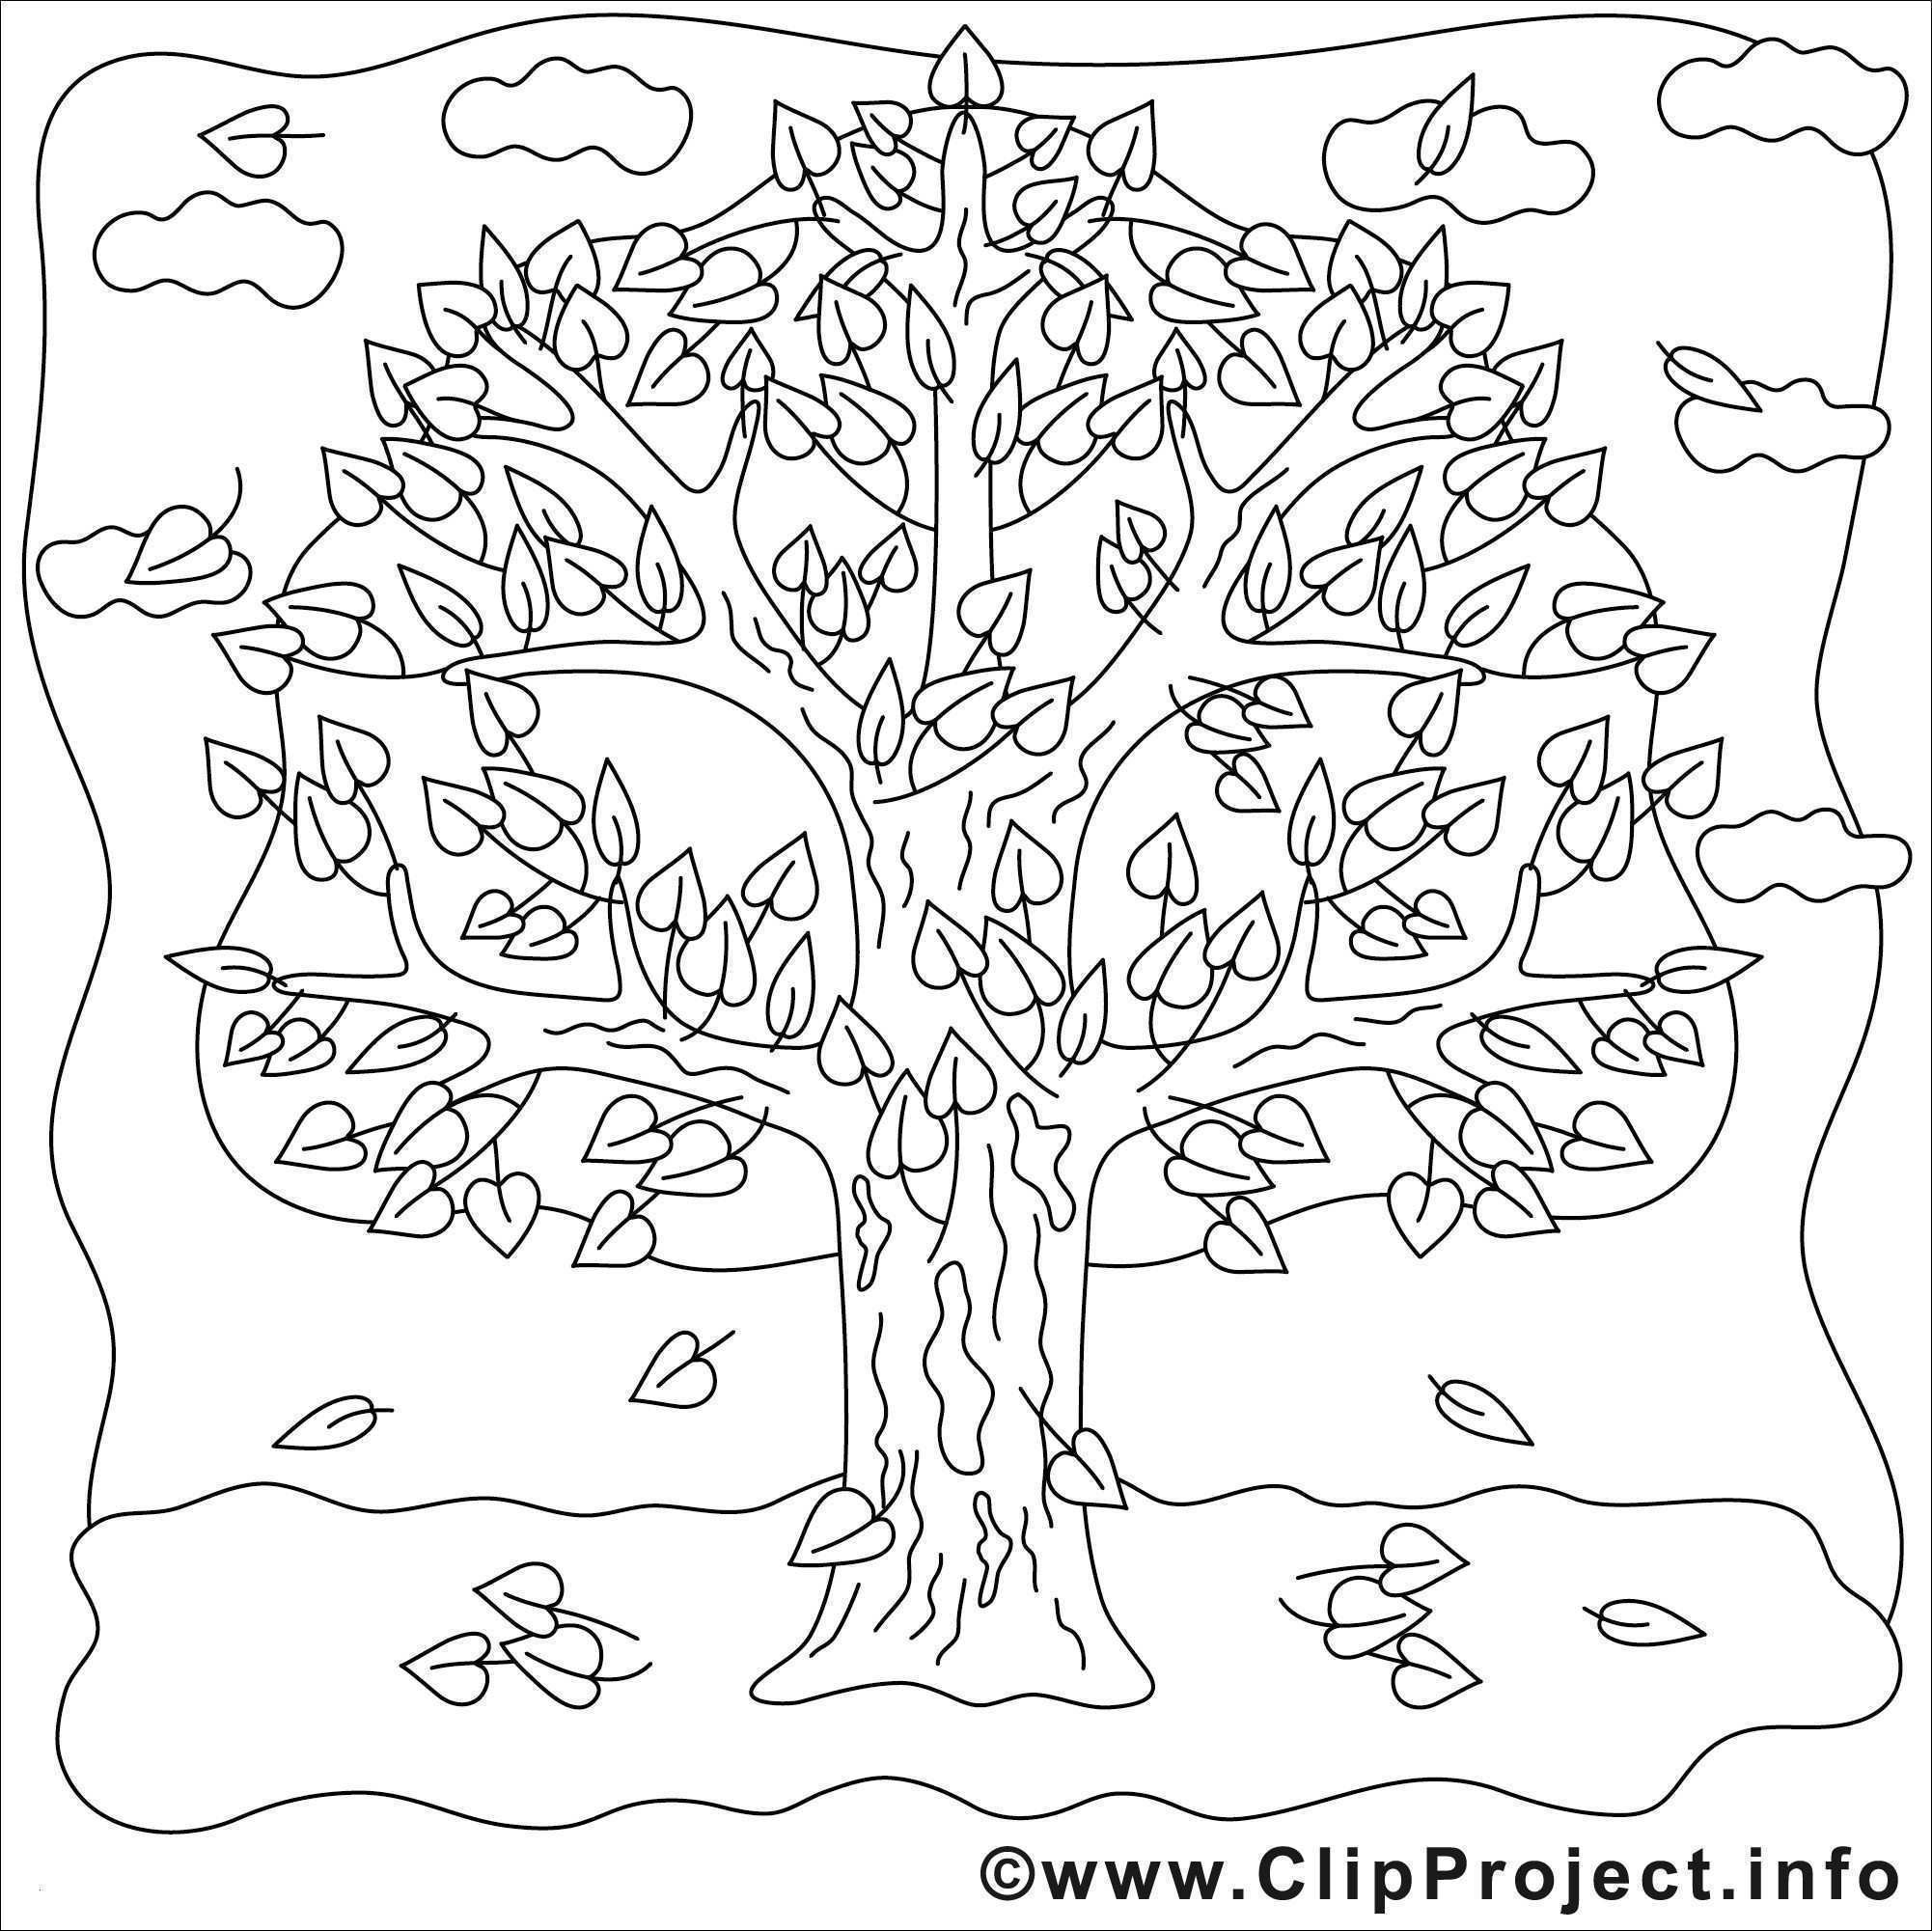 Malvorlage Baum Mit Wurzeln Das Beste Von Kahler Baum Malvorlage Aufnahme 40 Malvorlagen Herbst Baum Fotografieren